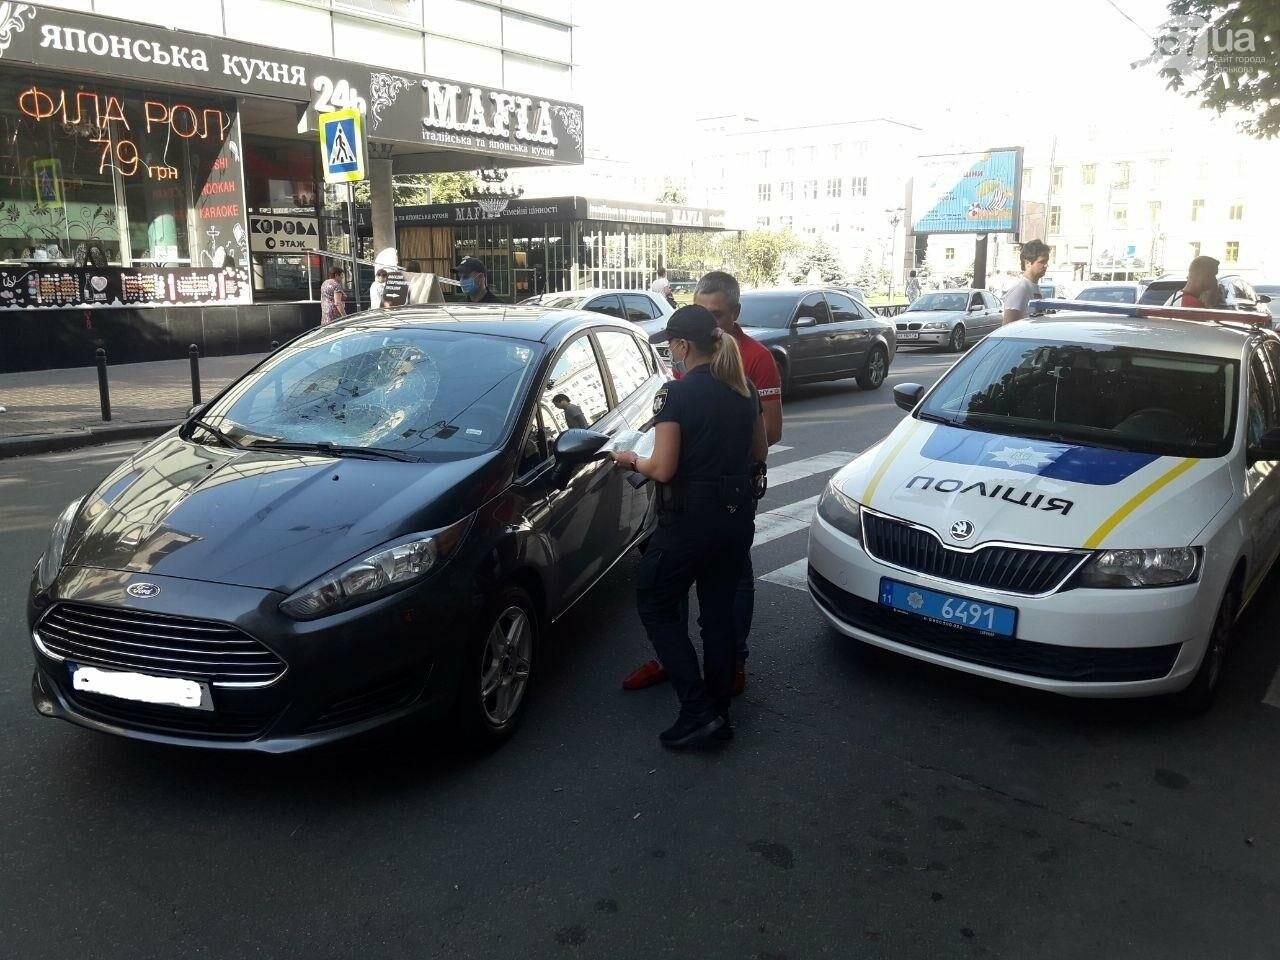 """На """"Пушкинской"""" легковое авто сбило пешехода на """"зебре"""": пострадавший в больнице, - ФОТО, фото-10"""